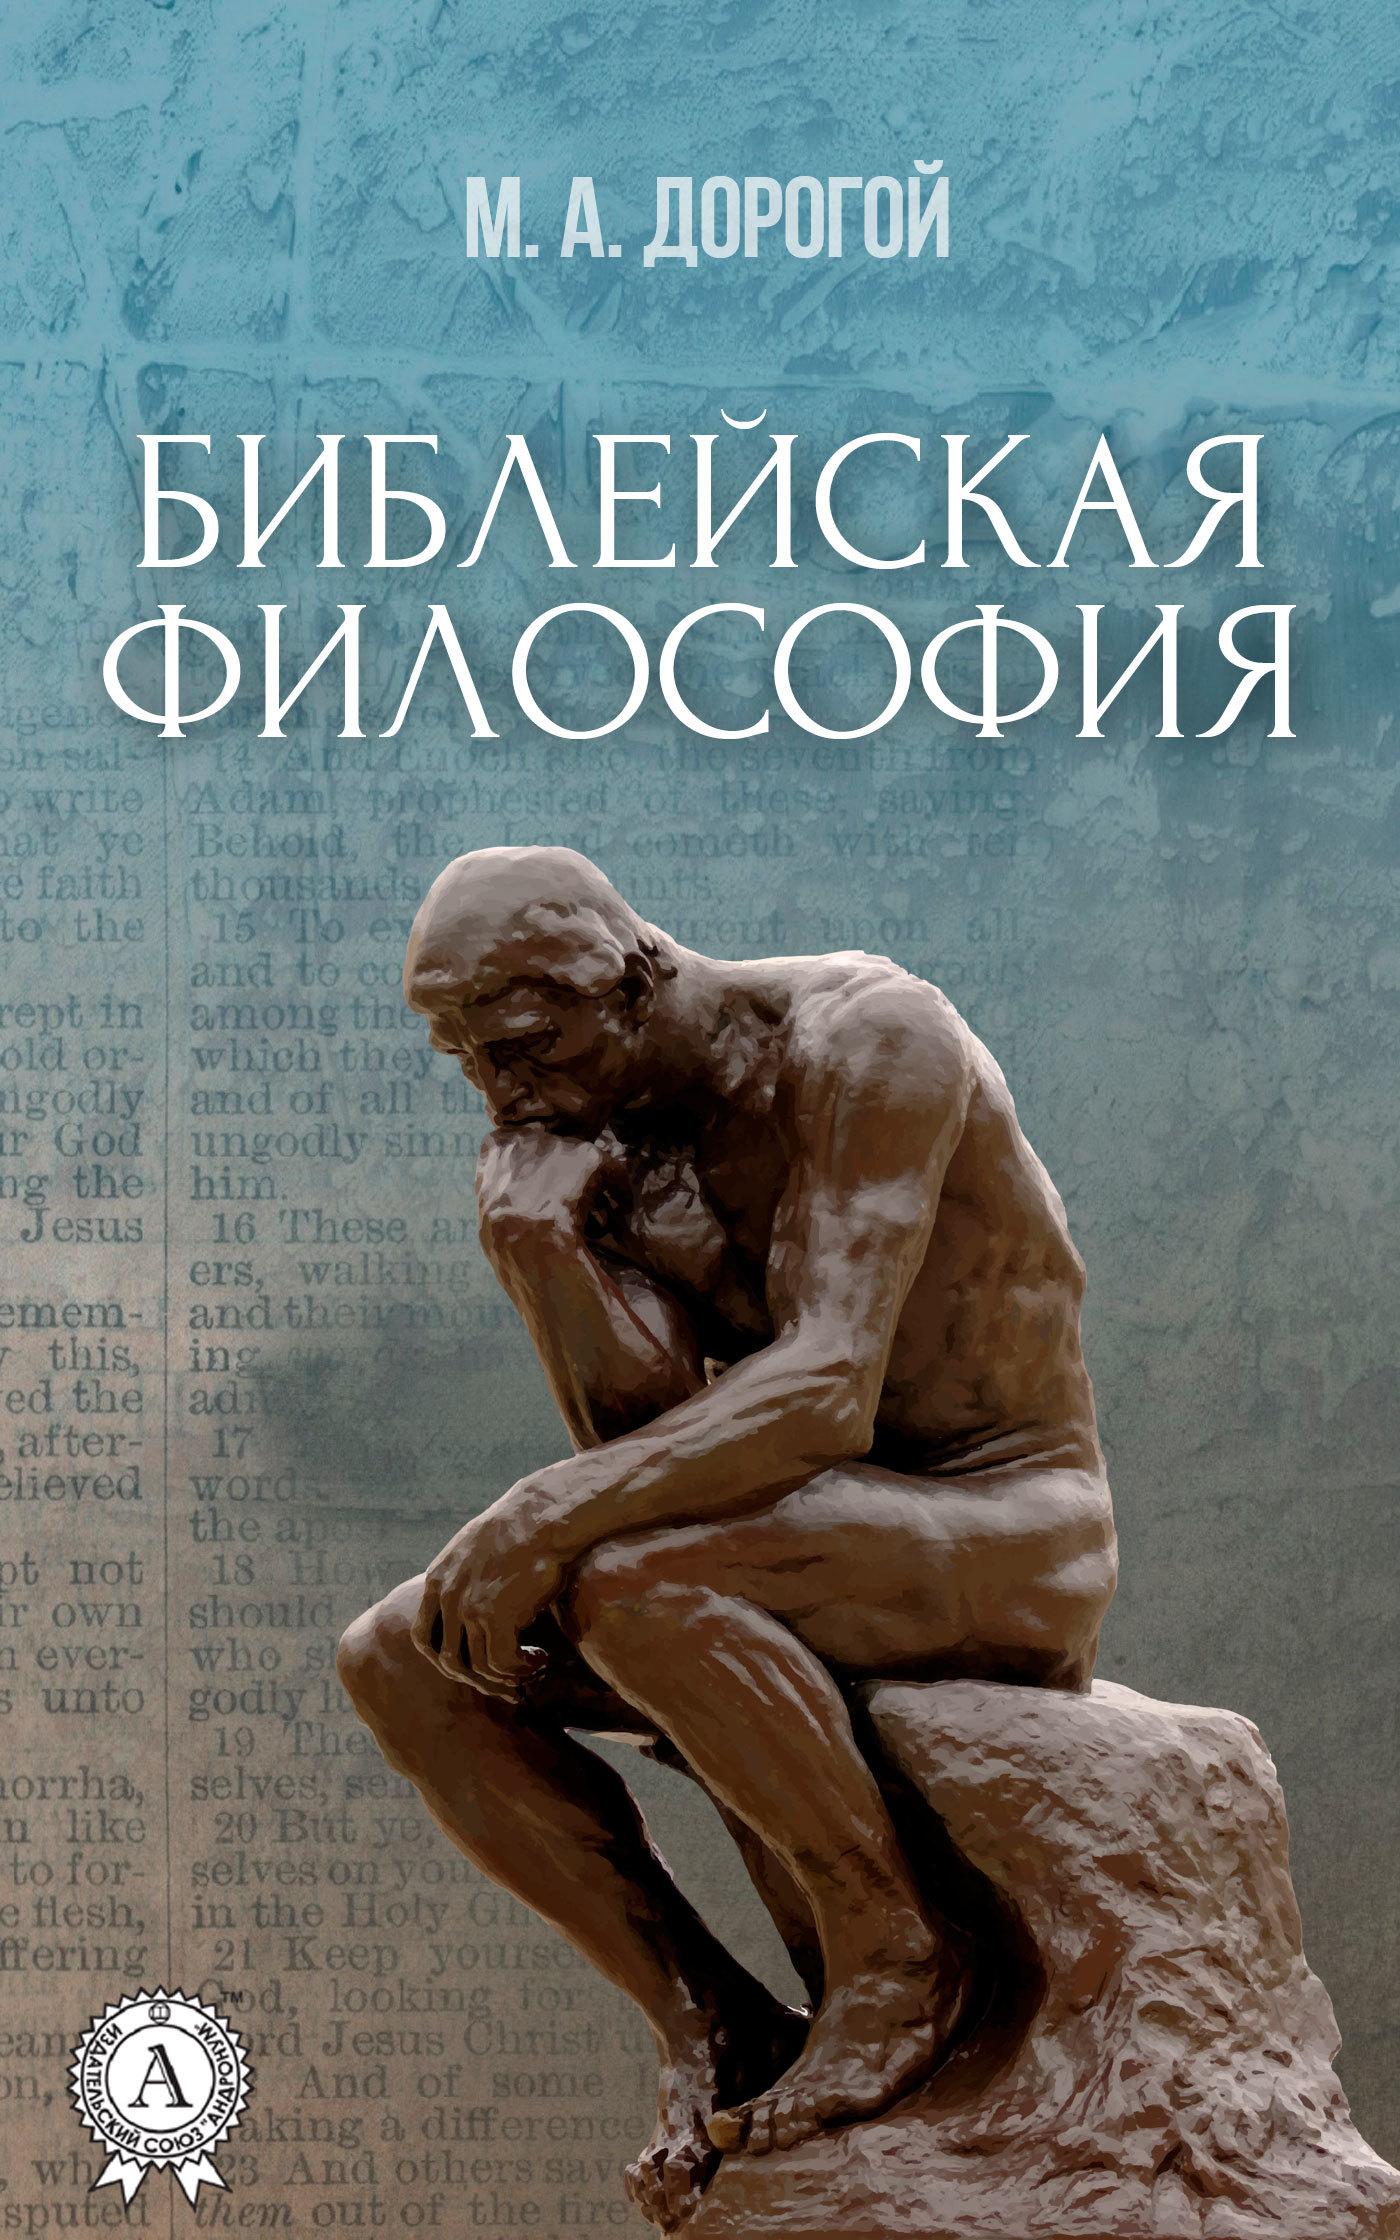 Михаил Дорогой Библейская философия галина святохина философия философия человека общества истории и культуры